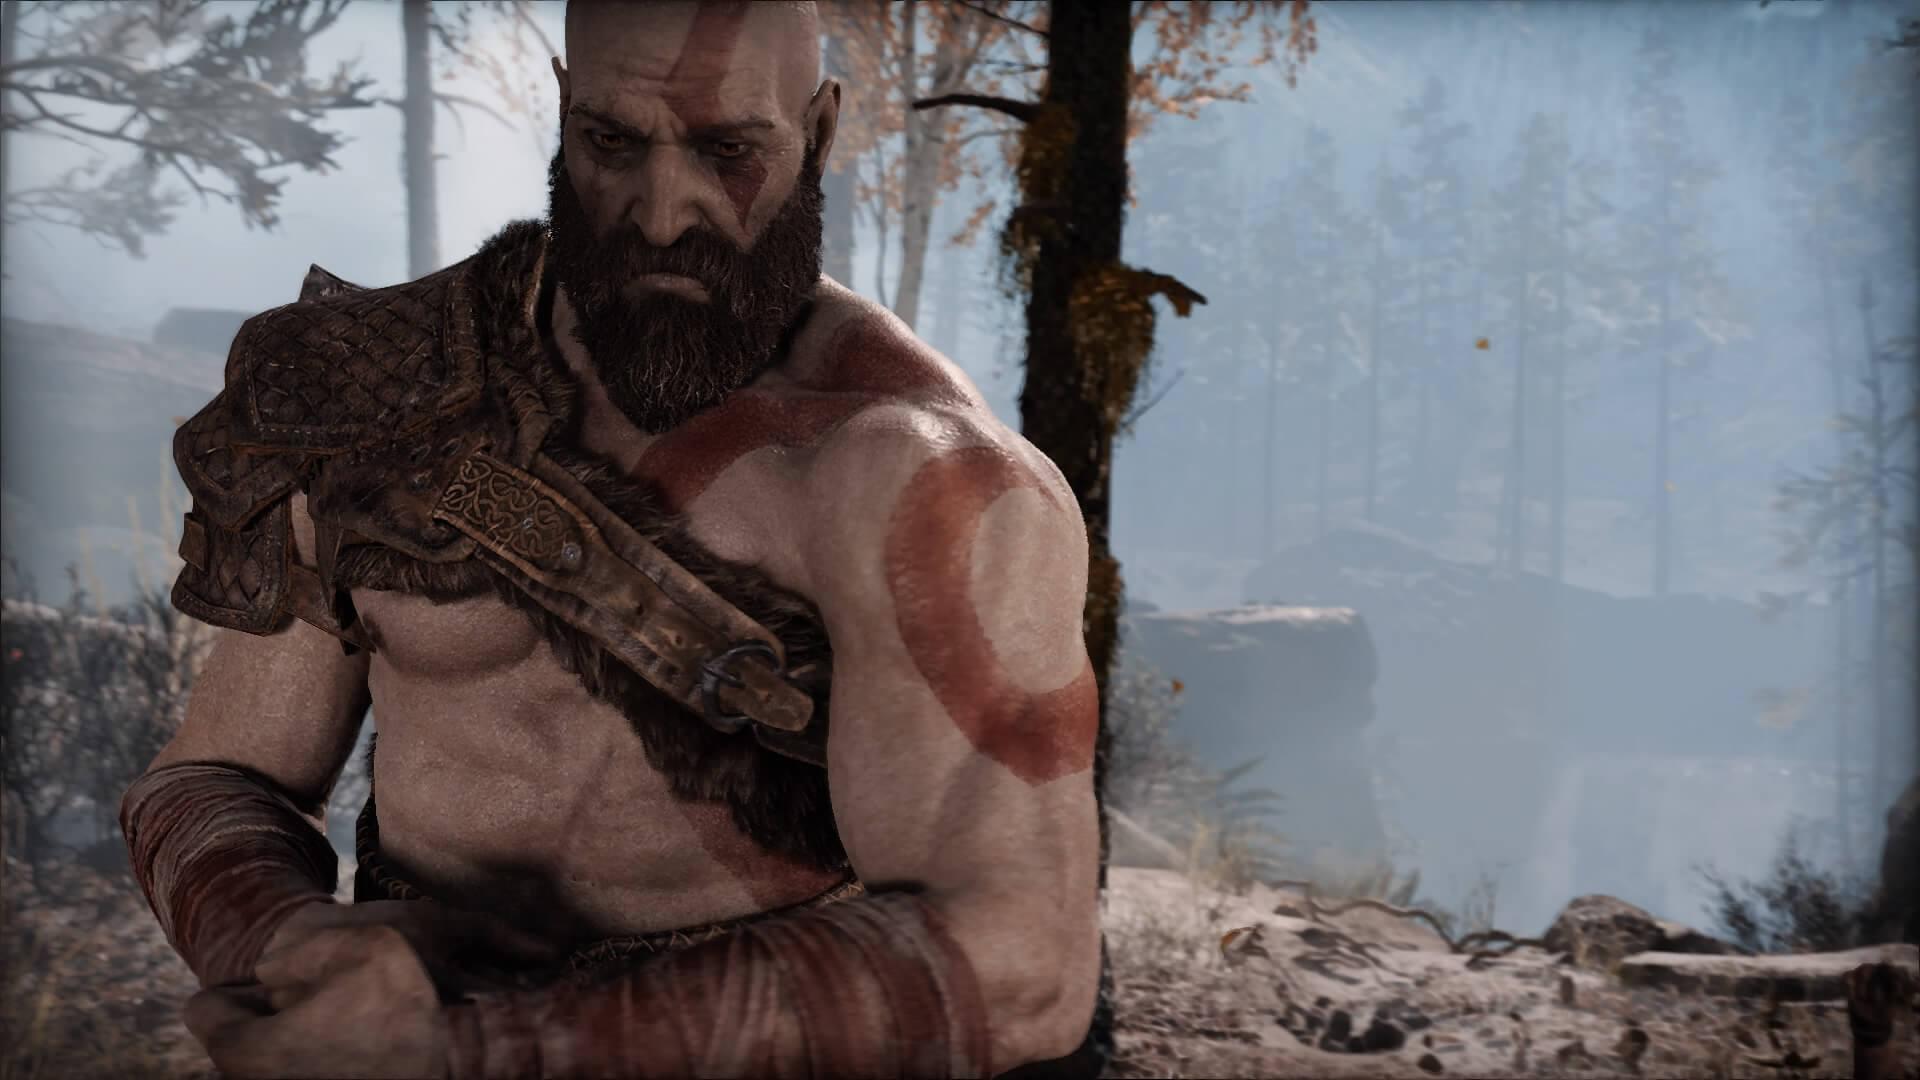 【PS4】ゴッドオブウォーが難しいと感じたときの対処法「どうすれば楽しく遊べるのか?」